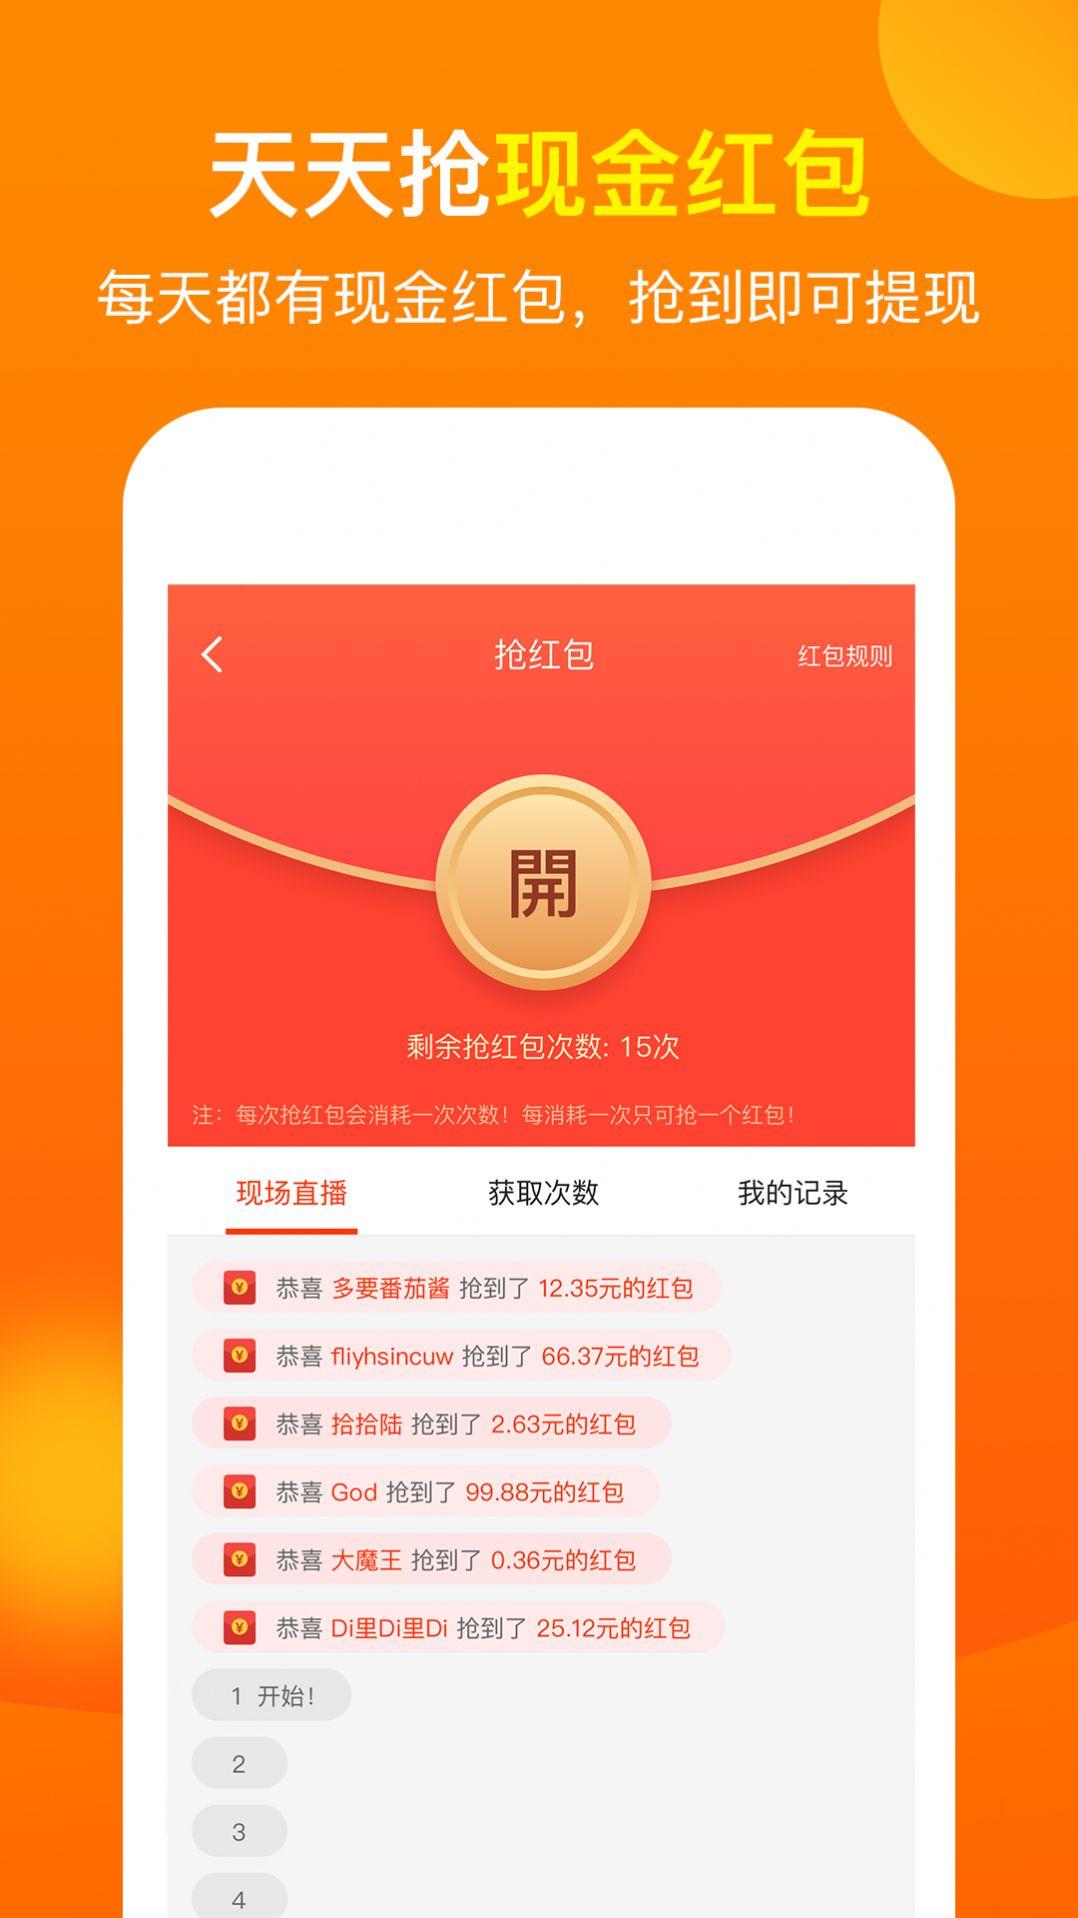 桃豆省錢安卓版軟件app下載圖3: